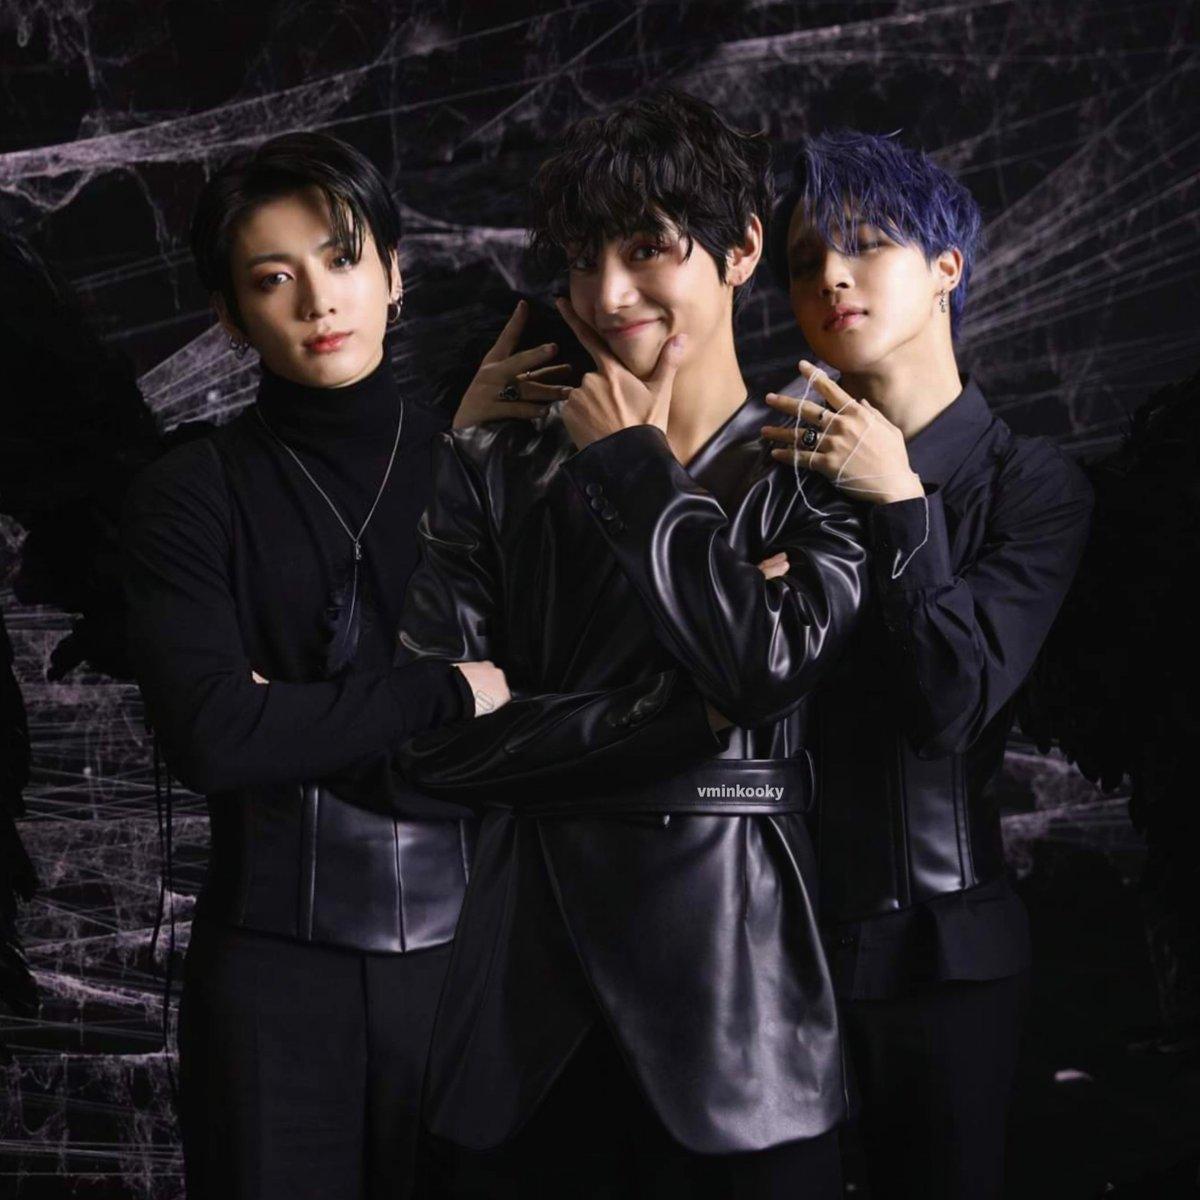 (My edit) my mann  #방탄소년단  #maknaeline #bts   @BTS_twt<br>http://pic.twitter.com/pPqz9L9XZu